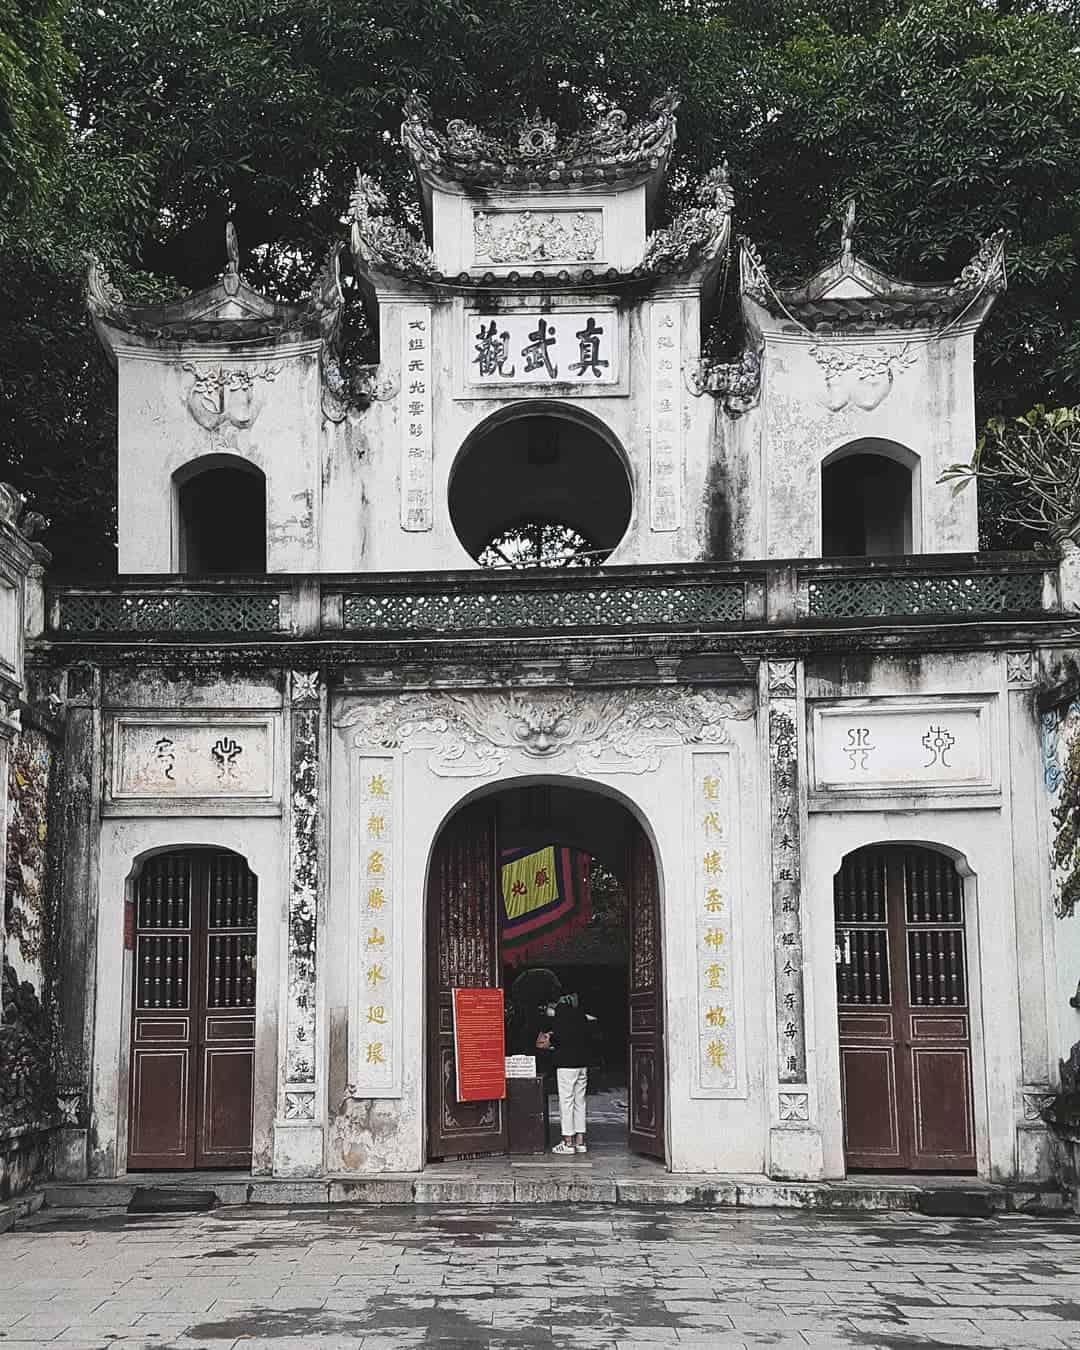 Đền Quán Thánh là địa điểm tâm linh nổi tiếng Hà Nội. Ảnh: @kien.tran.vo